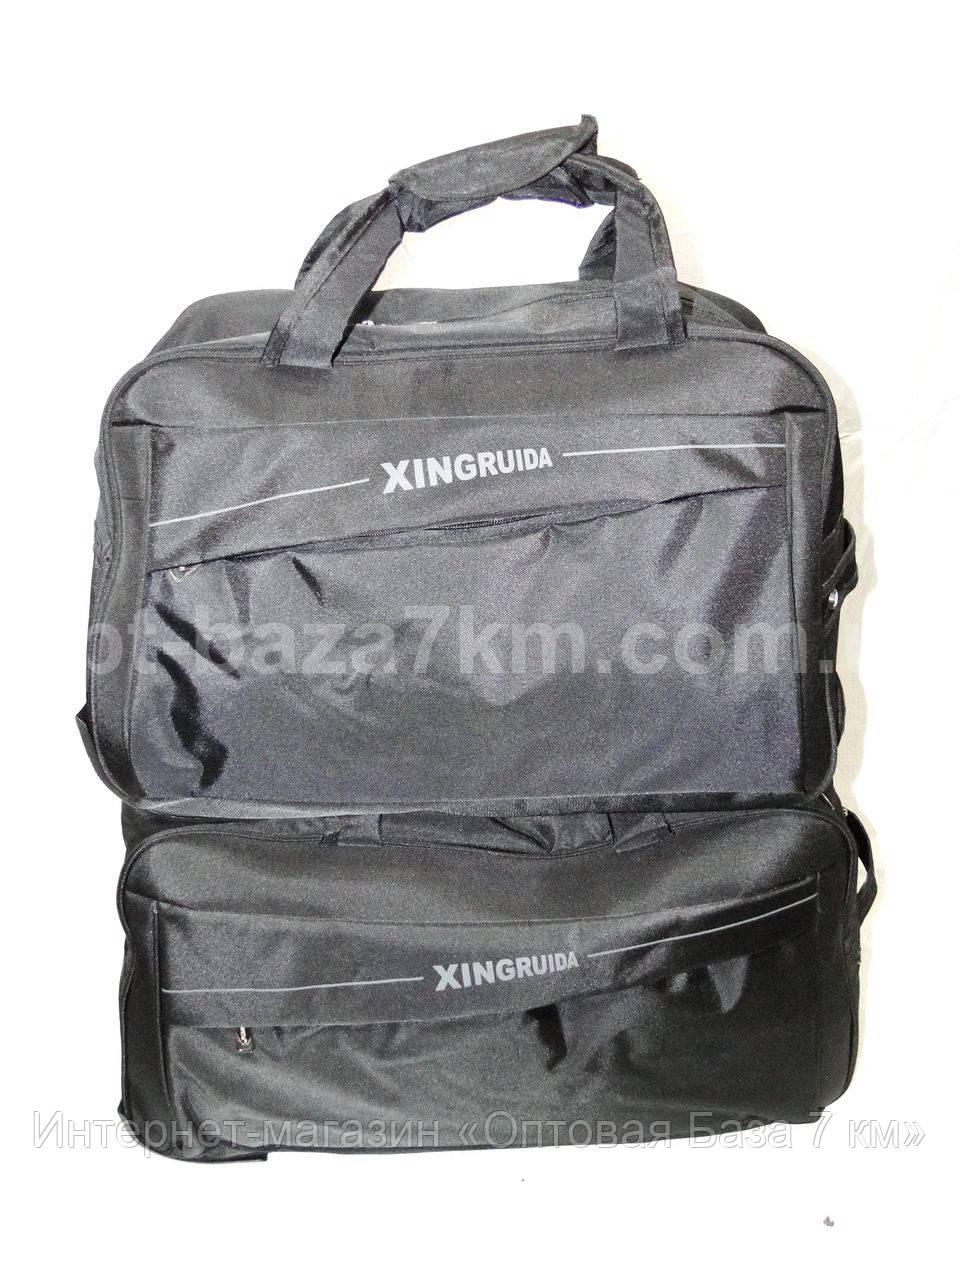 Куплю сумки чемоданы оптом подарки новогодние 2013 рюкзаки